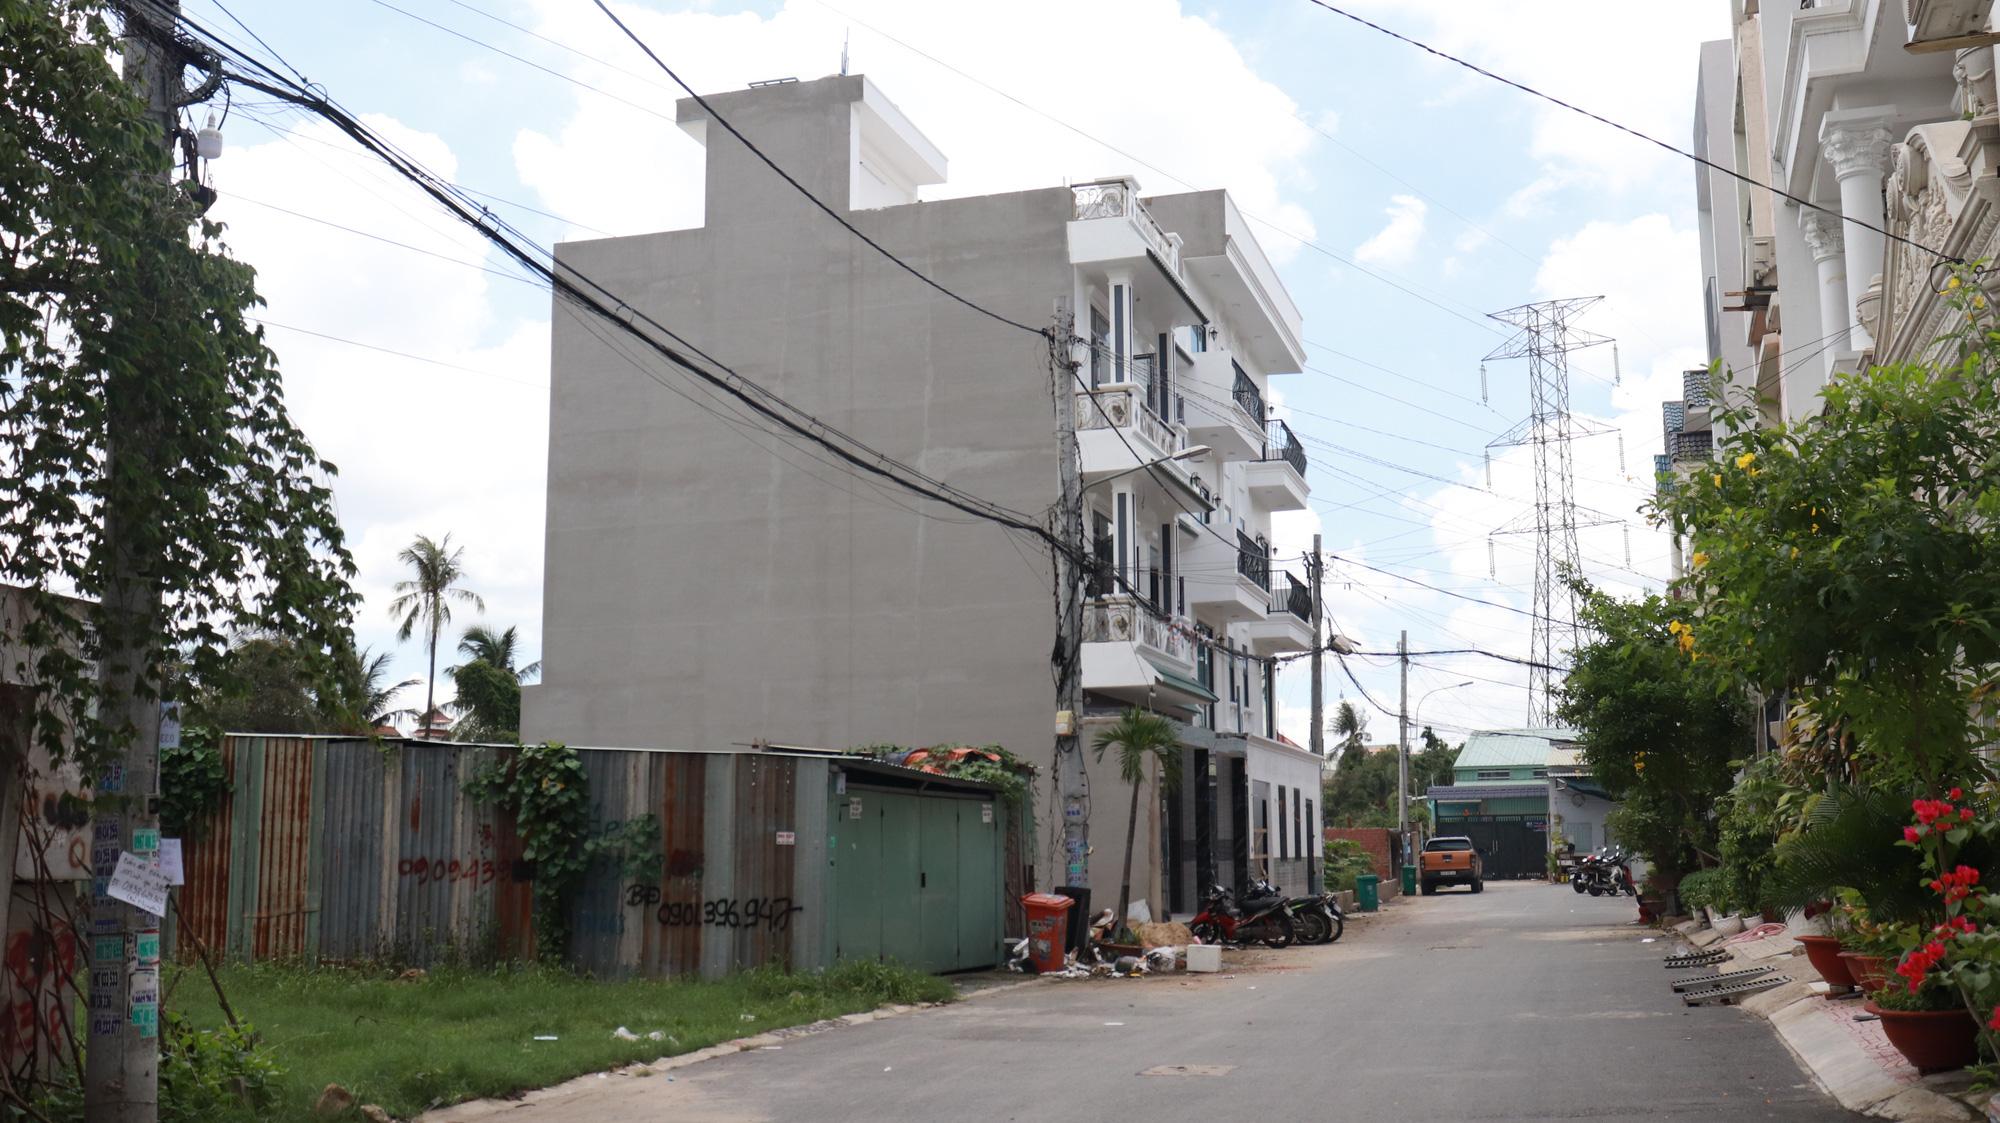 Ba khu đất dính quy hoạch tại phường Linh Đông, TP thủ Đức - Ảnh 7.